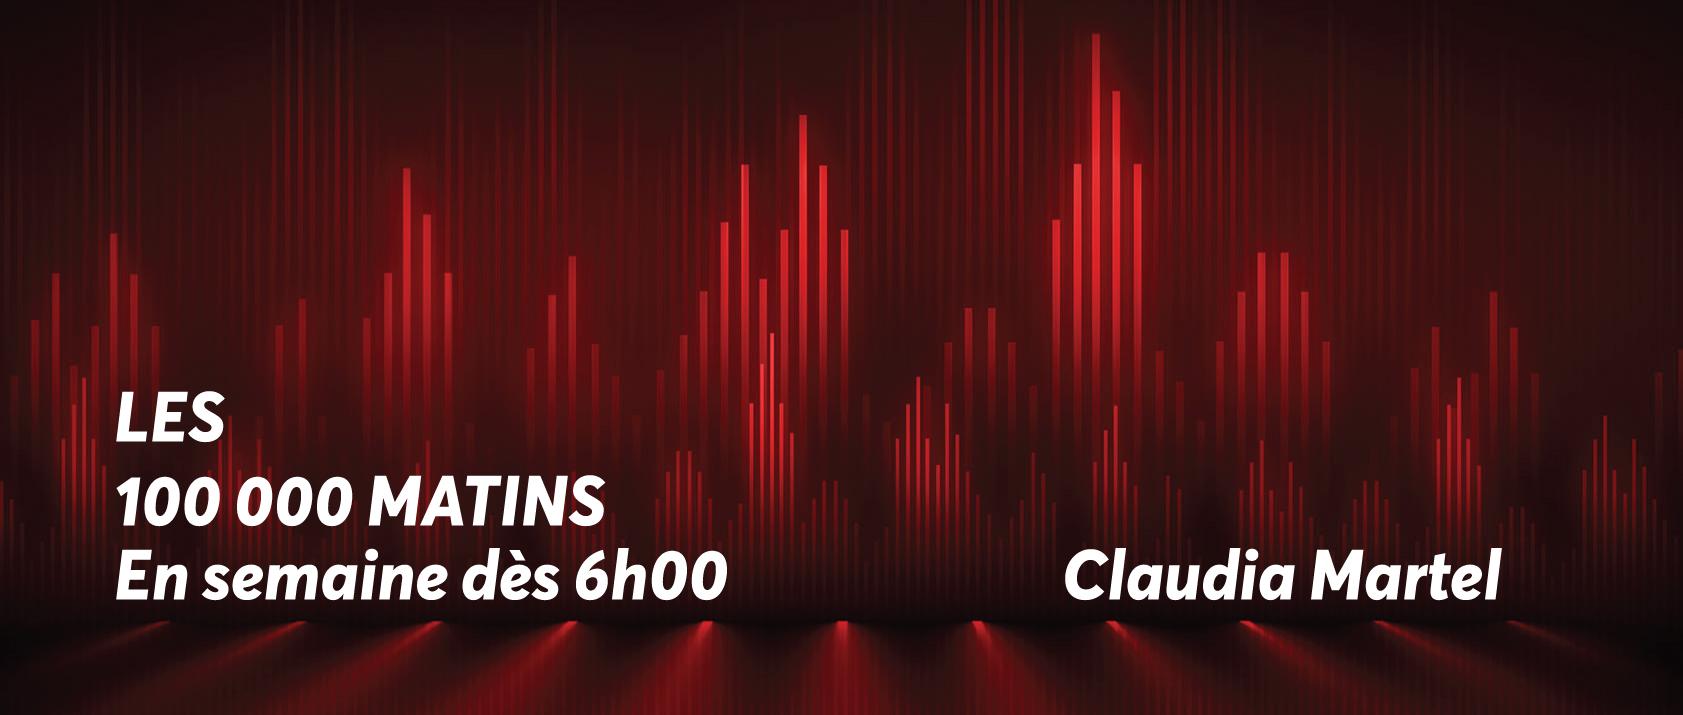 100-000-claudia